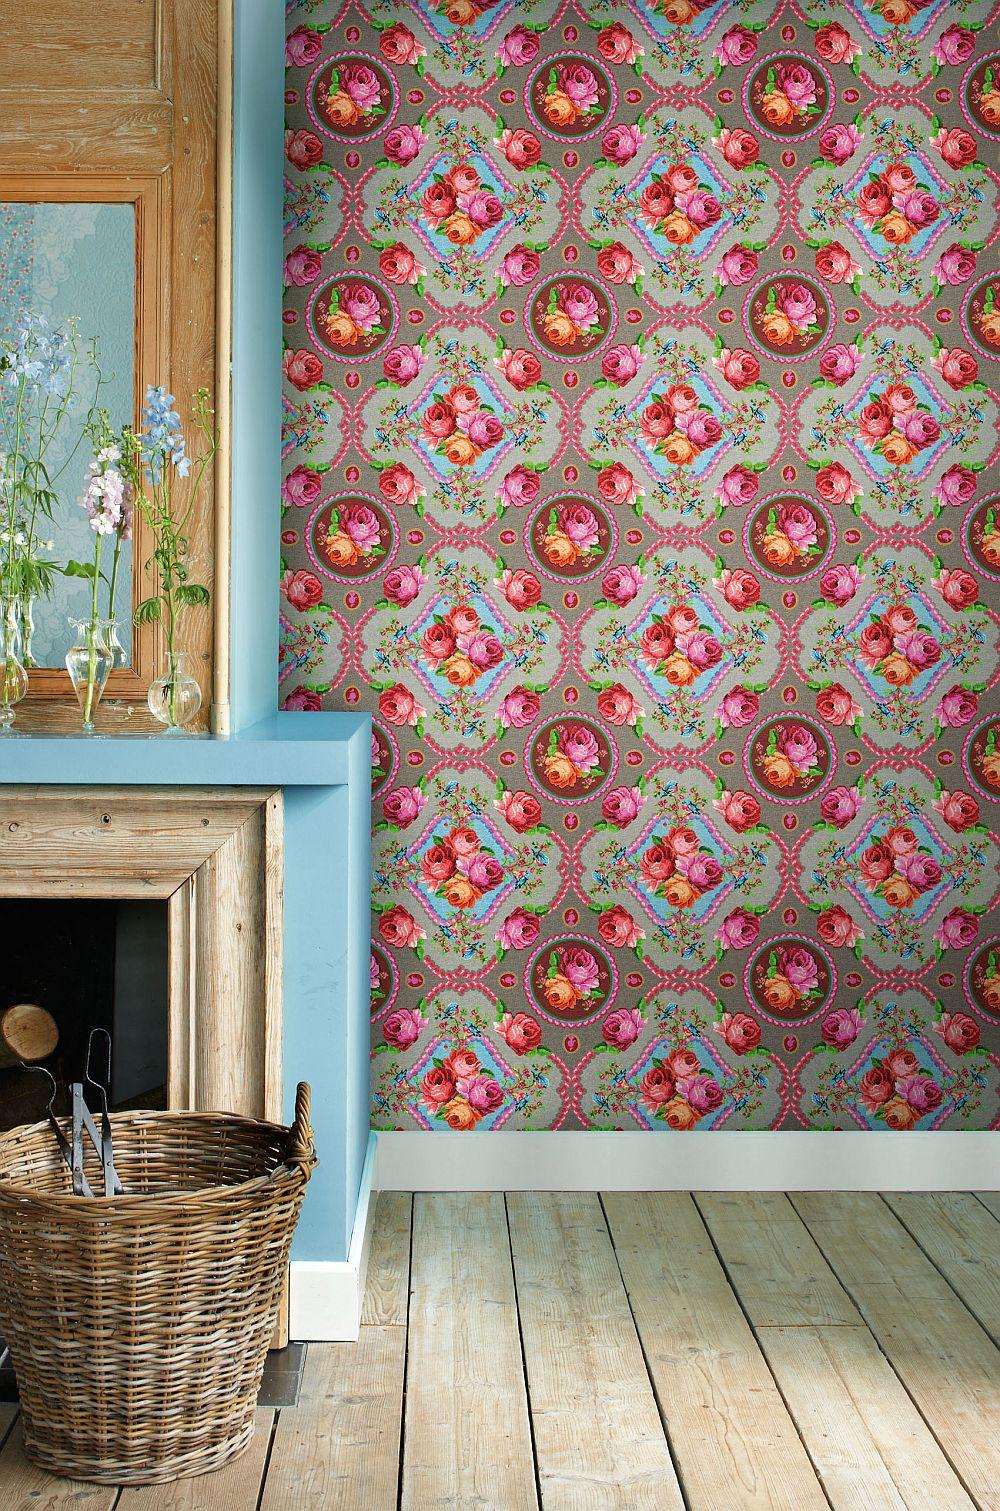 Le a vedea n locuin e romantice interioare rustice sau for Pip probert garden designer